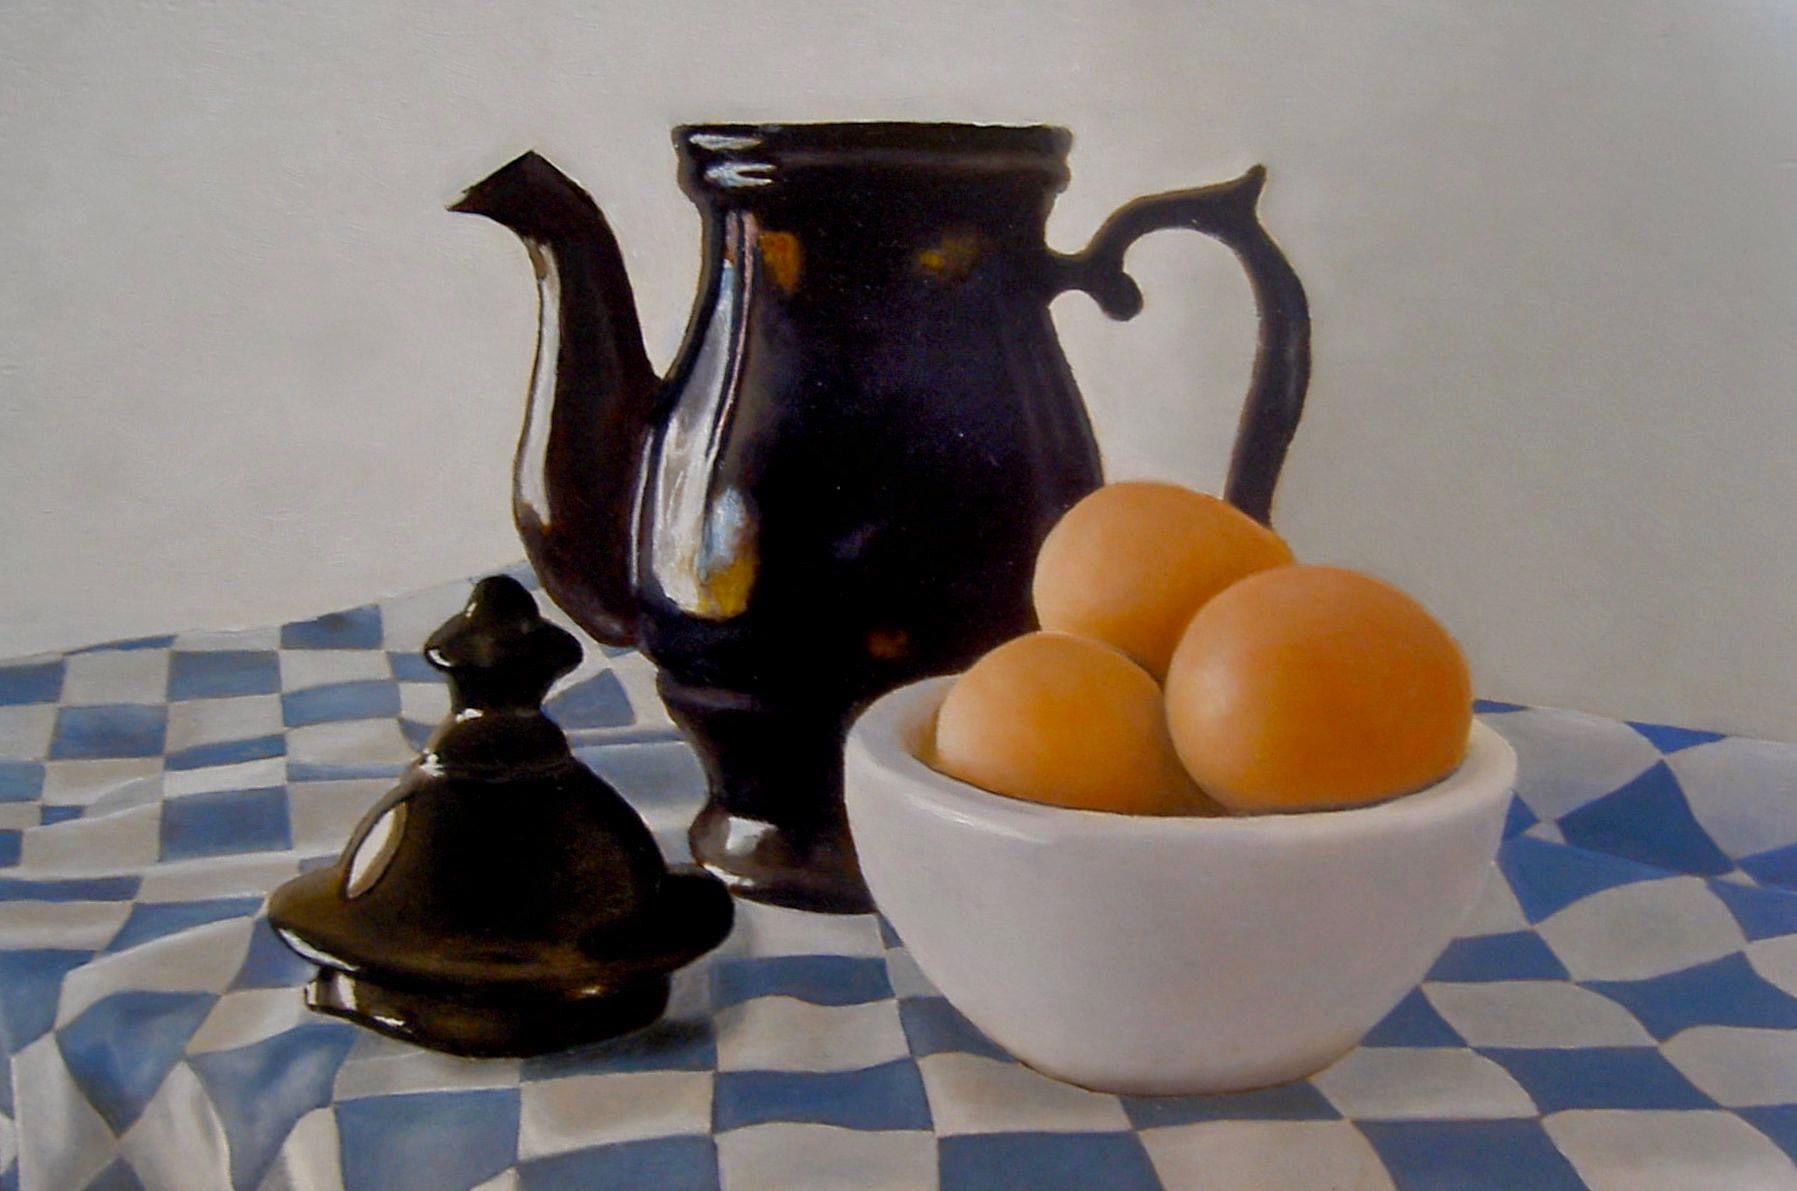 Een schitterend mooi werk van Bea Dekker- oud cursist, het kleine theepotje geeft een prachtig contrast in de evenwichtige compositie t.o.v het schaaltje met eieren en de geruite theedoek. (klik op een van de pijltjes)